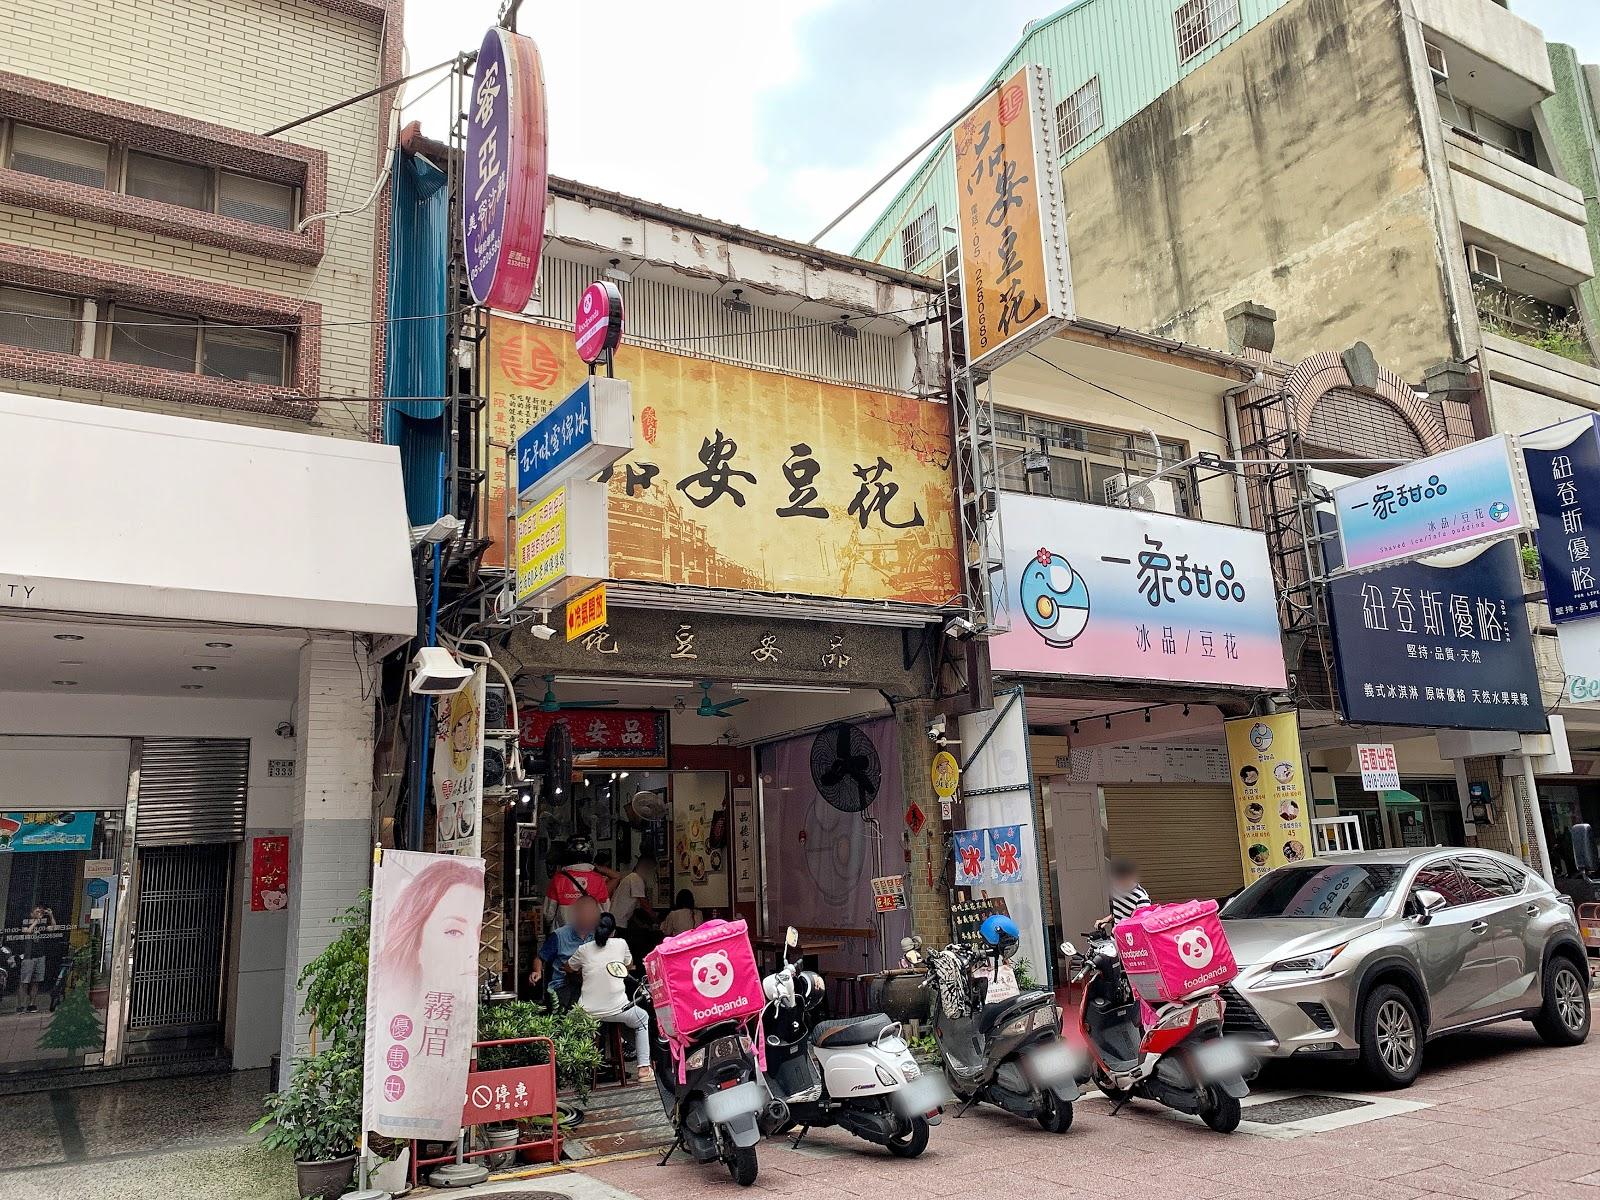 嘉義東區美食【嘉義品安豆漿豆花】店外裝潢